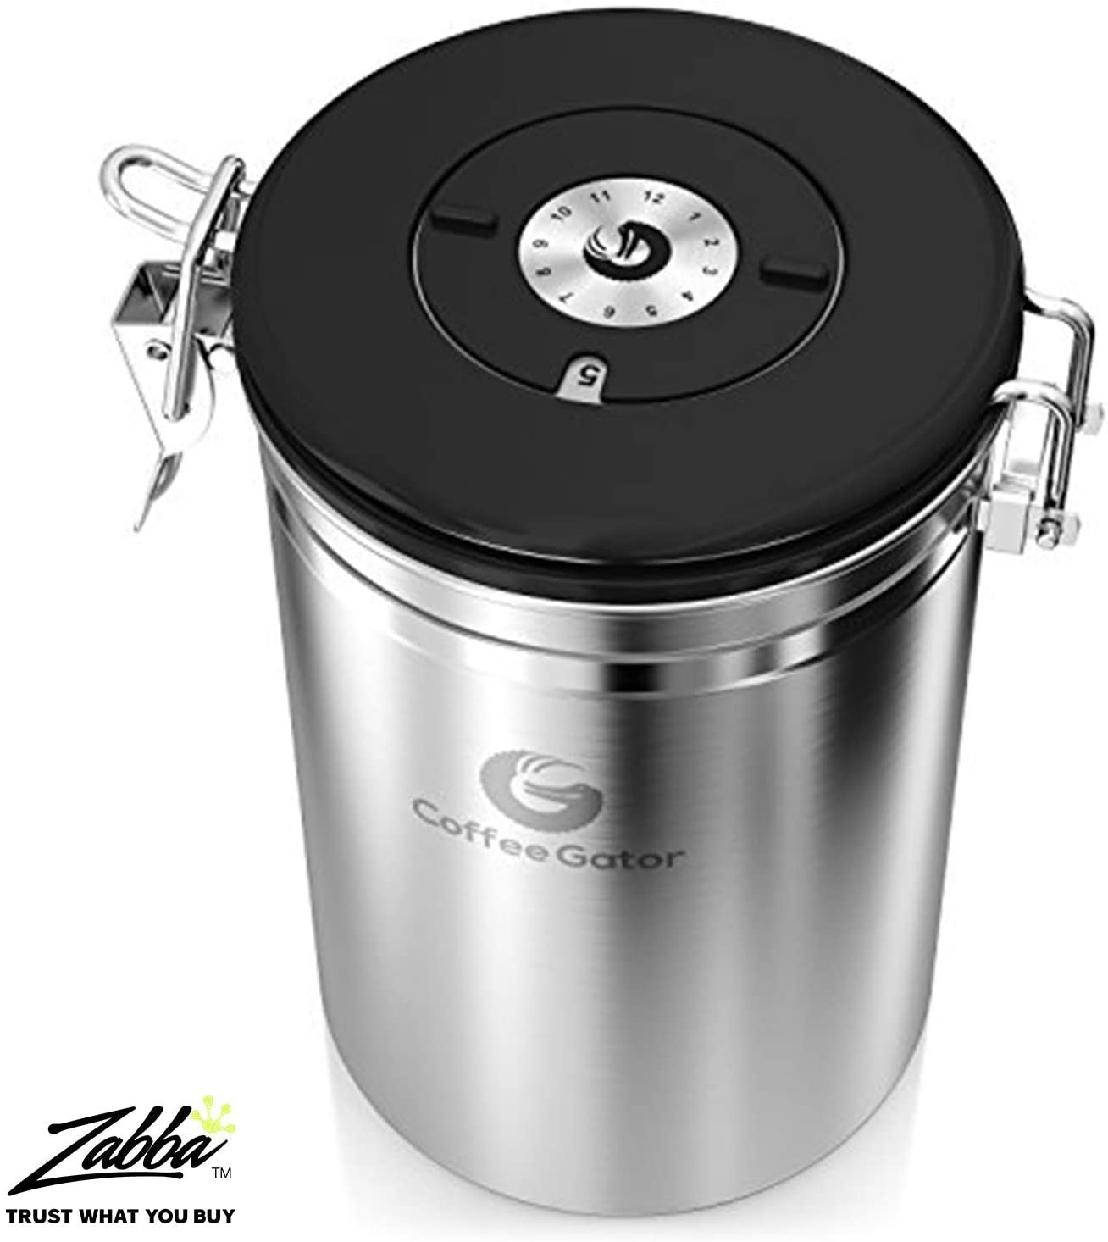 Coffee Gator(コーヒーゲーター) ステンレススチール コーヒーキャニスター 2-packの商品画像3